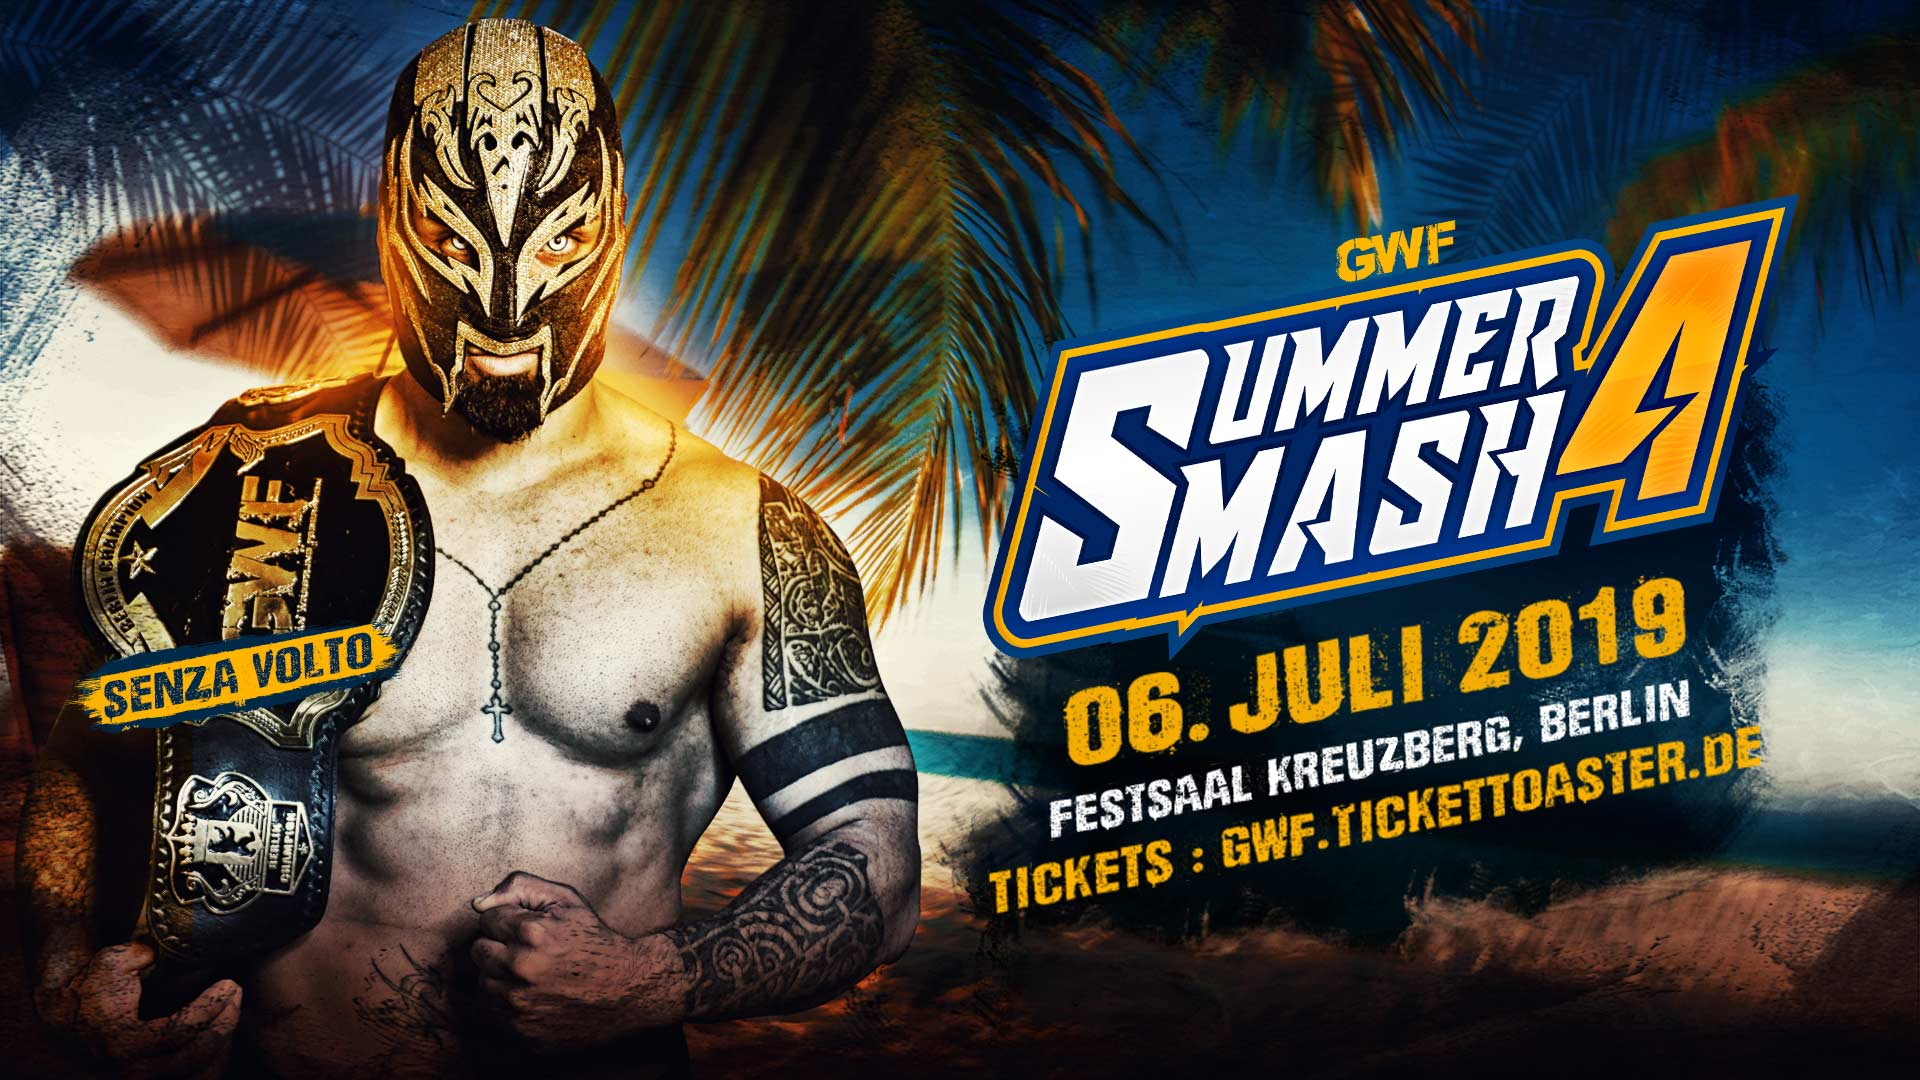 GWF Berlin Champion Senza Volto ist am 6. Juli 2018 im Festsaal Kreuzberg dabei! Verpasst auf keinen Fall GWF Summer Smash 4, actionreiches Wrestling in Berlin